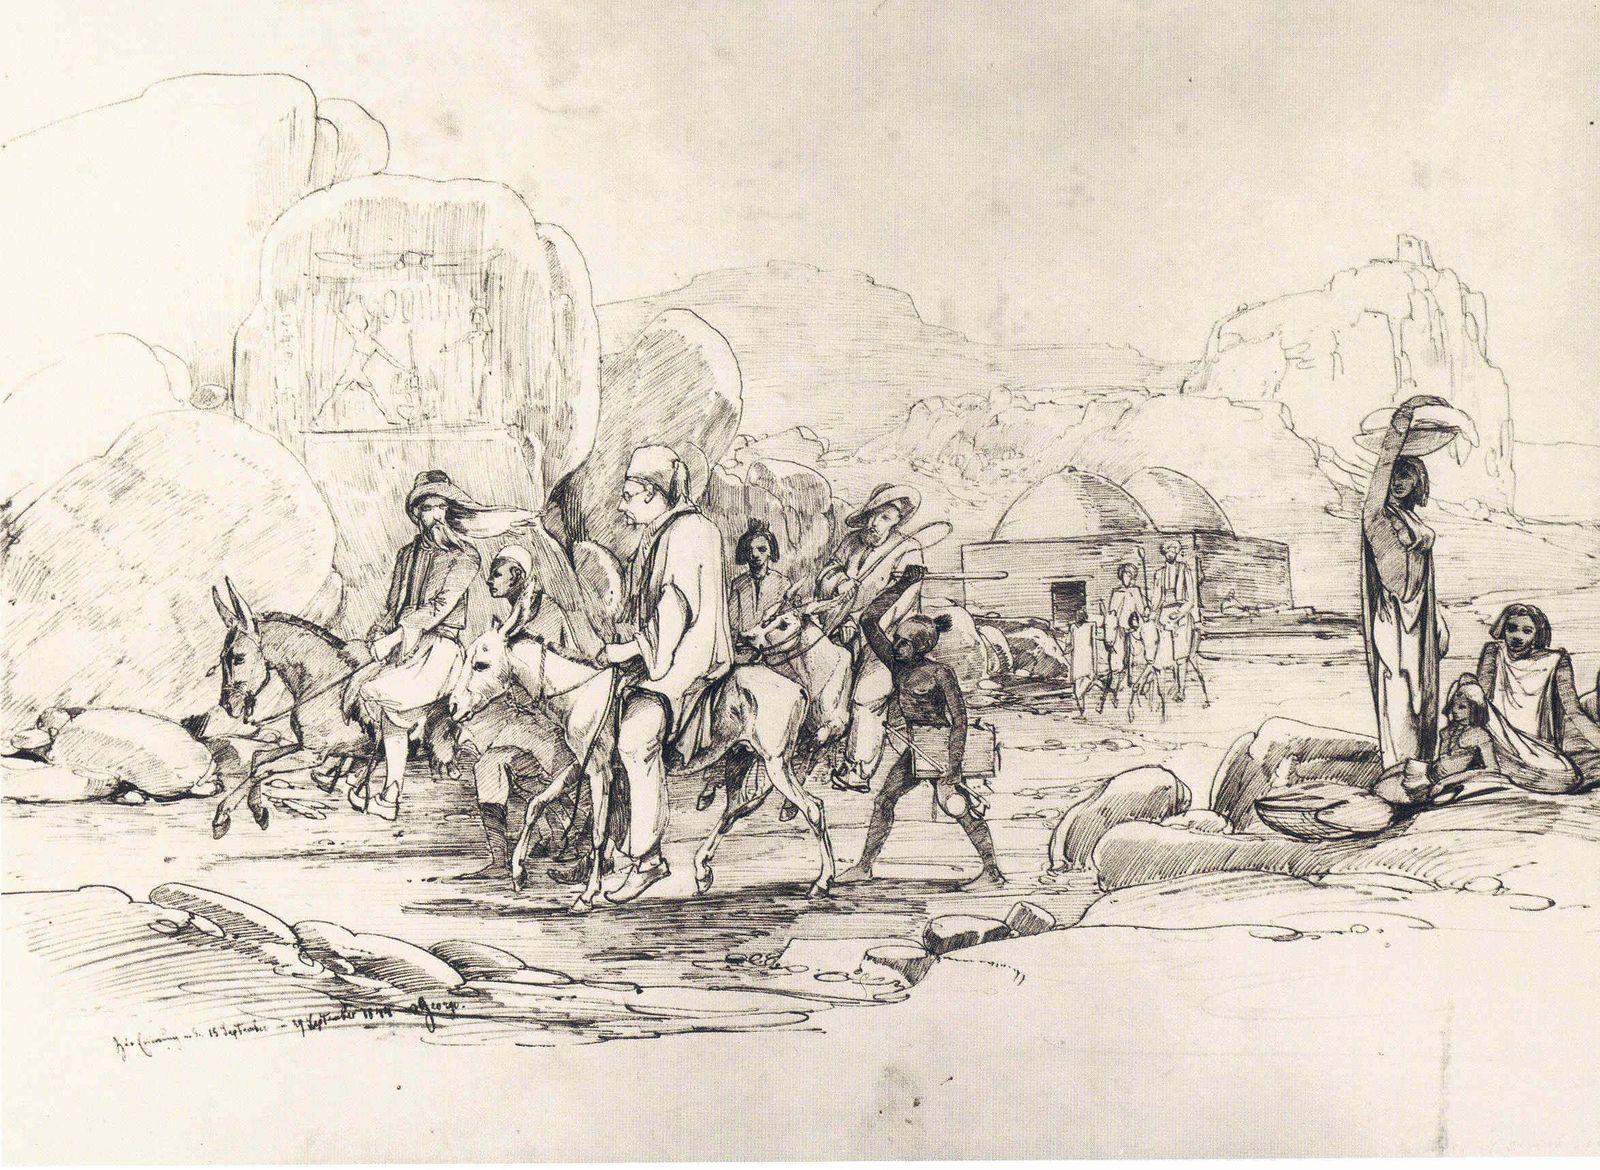 Lepsius (im Vordergrund mit Tarbusch) auf einem Esel reitend bei Assuan am 29. September 1844, Originalzeichnung von F. O. Georgi. © Staatliche Museen zu Berlin, Ägyptisches Museum und Papyrussammlung / Margarete Büsing